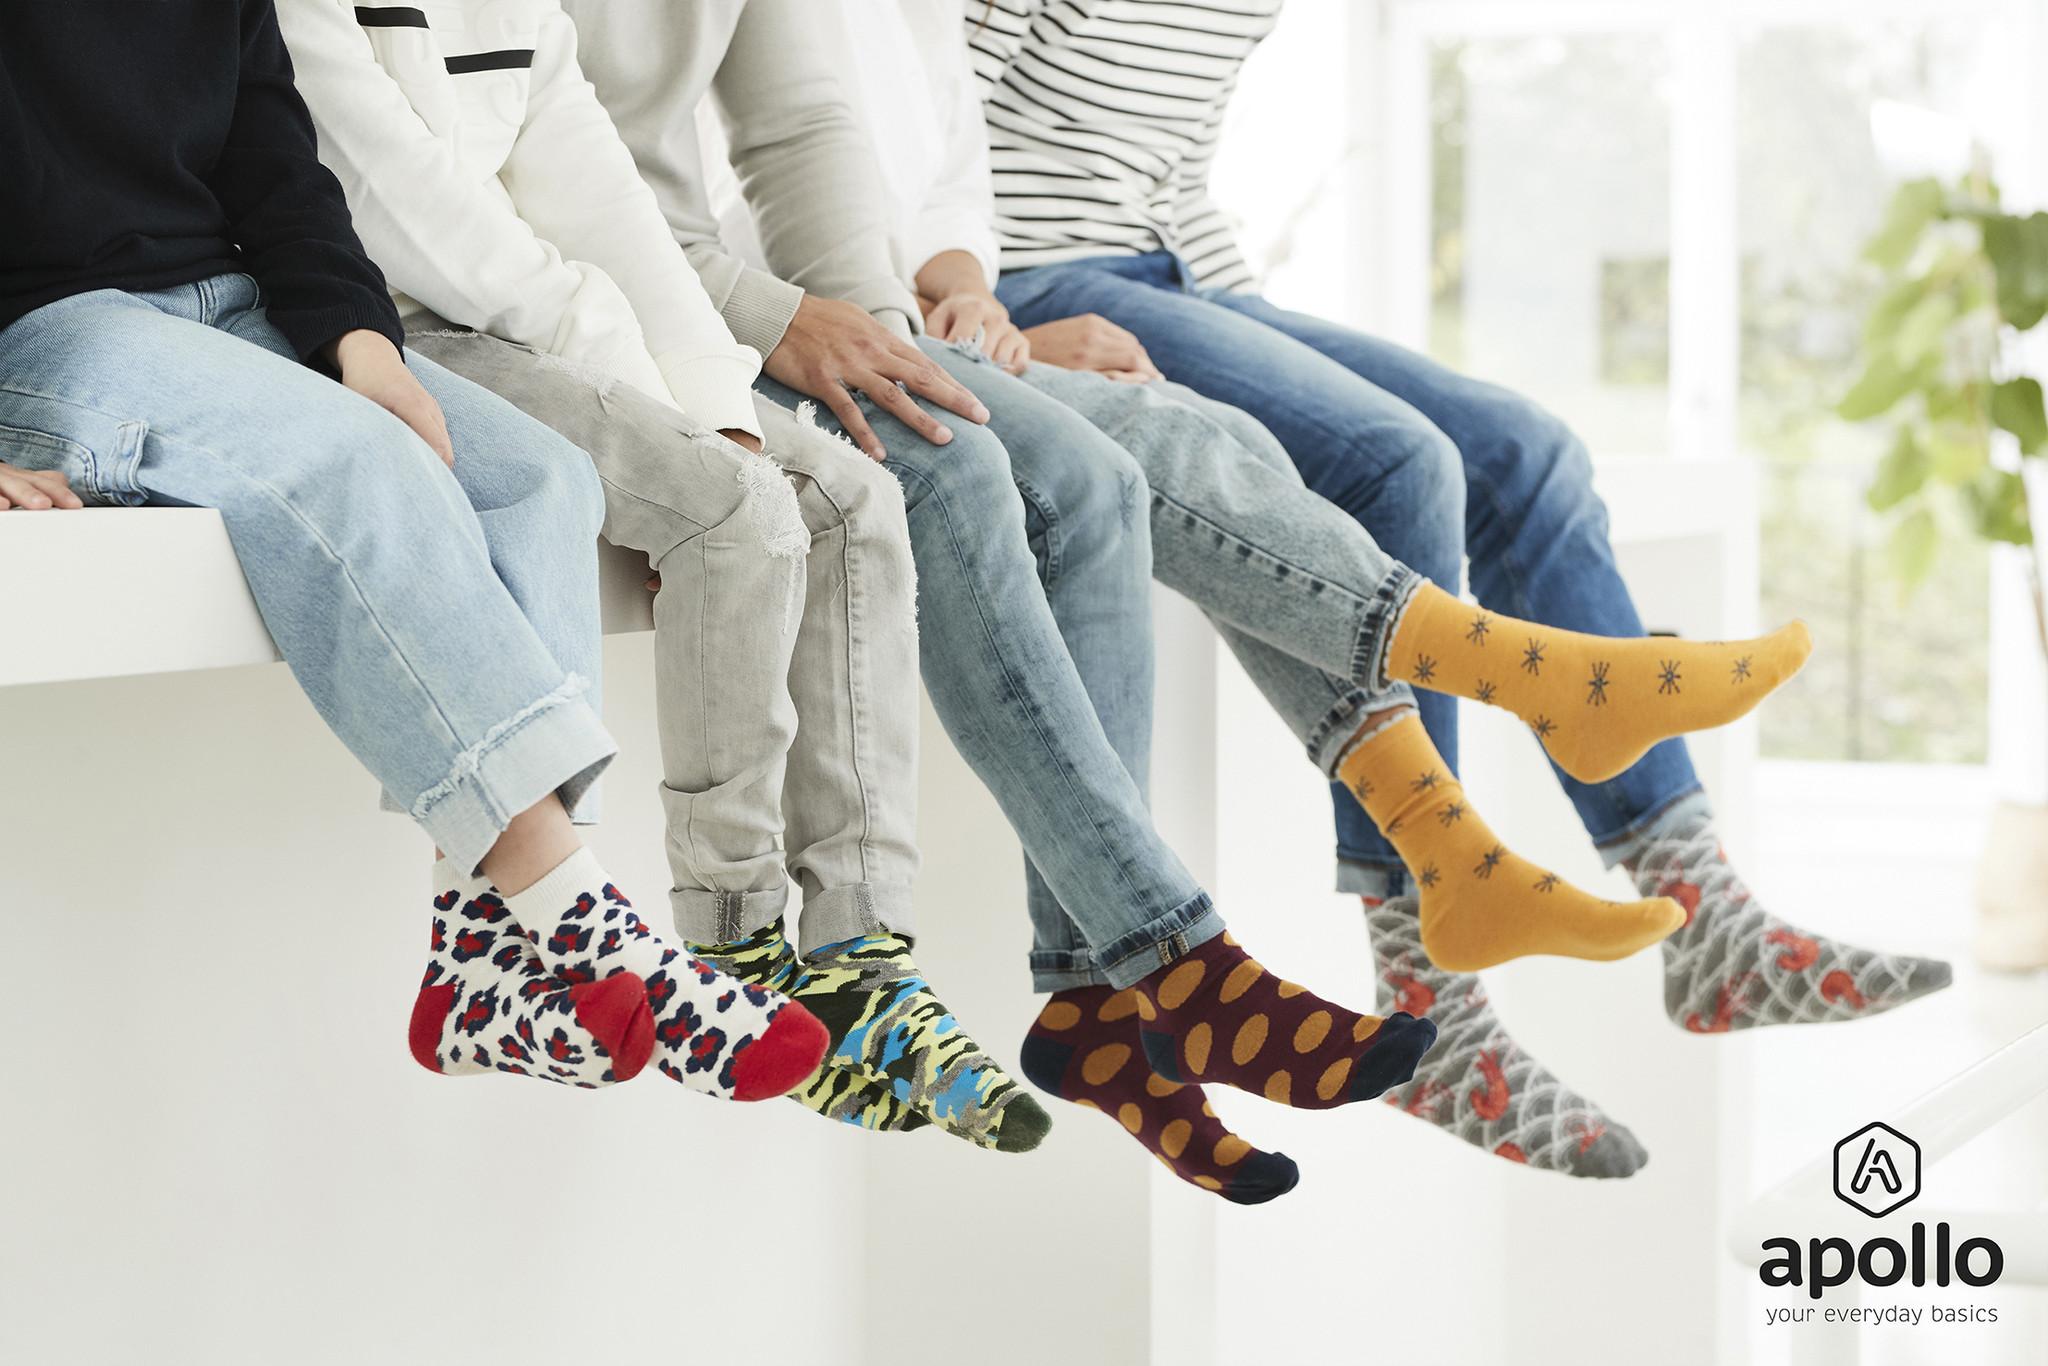 Bamboe sokken: comfortabel, duurzaam en milieubewust